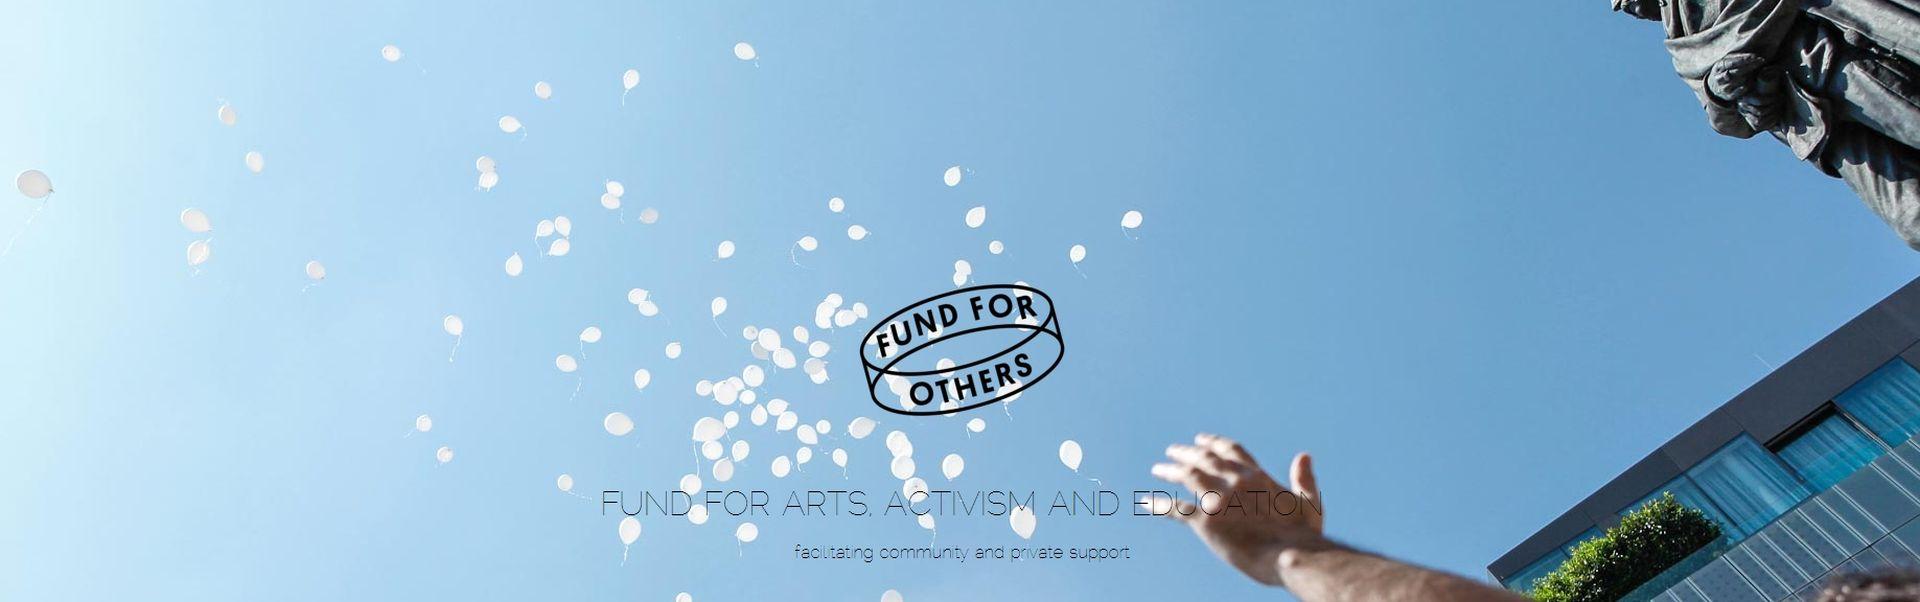 """Pokrenut """"Fund for Others"""" za financiranje projekata s nezavisne izvedbene scene"""